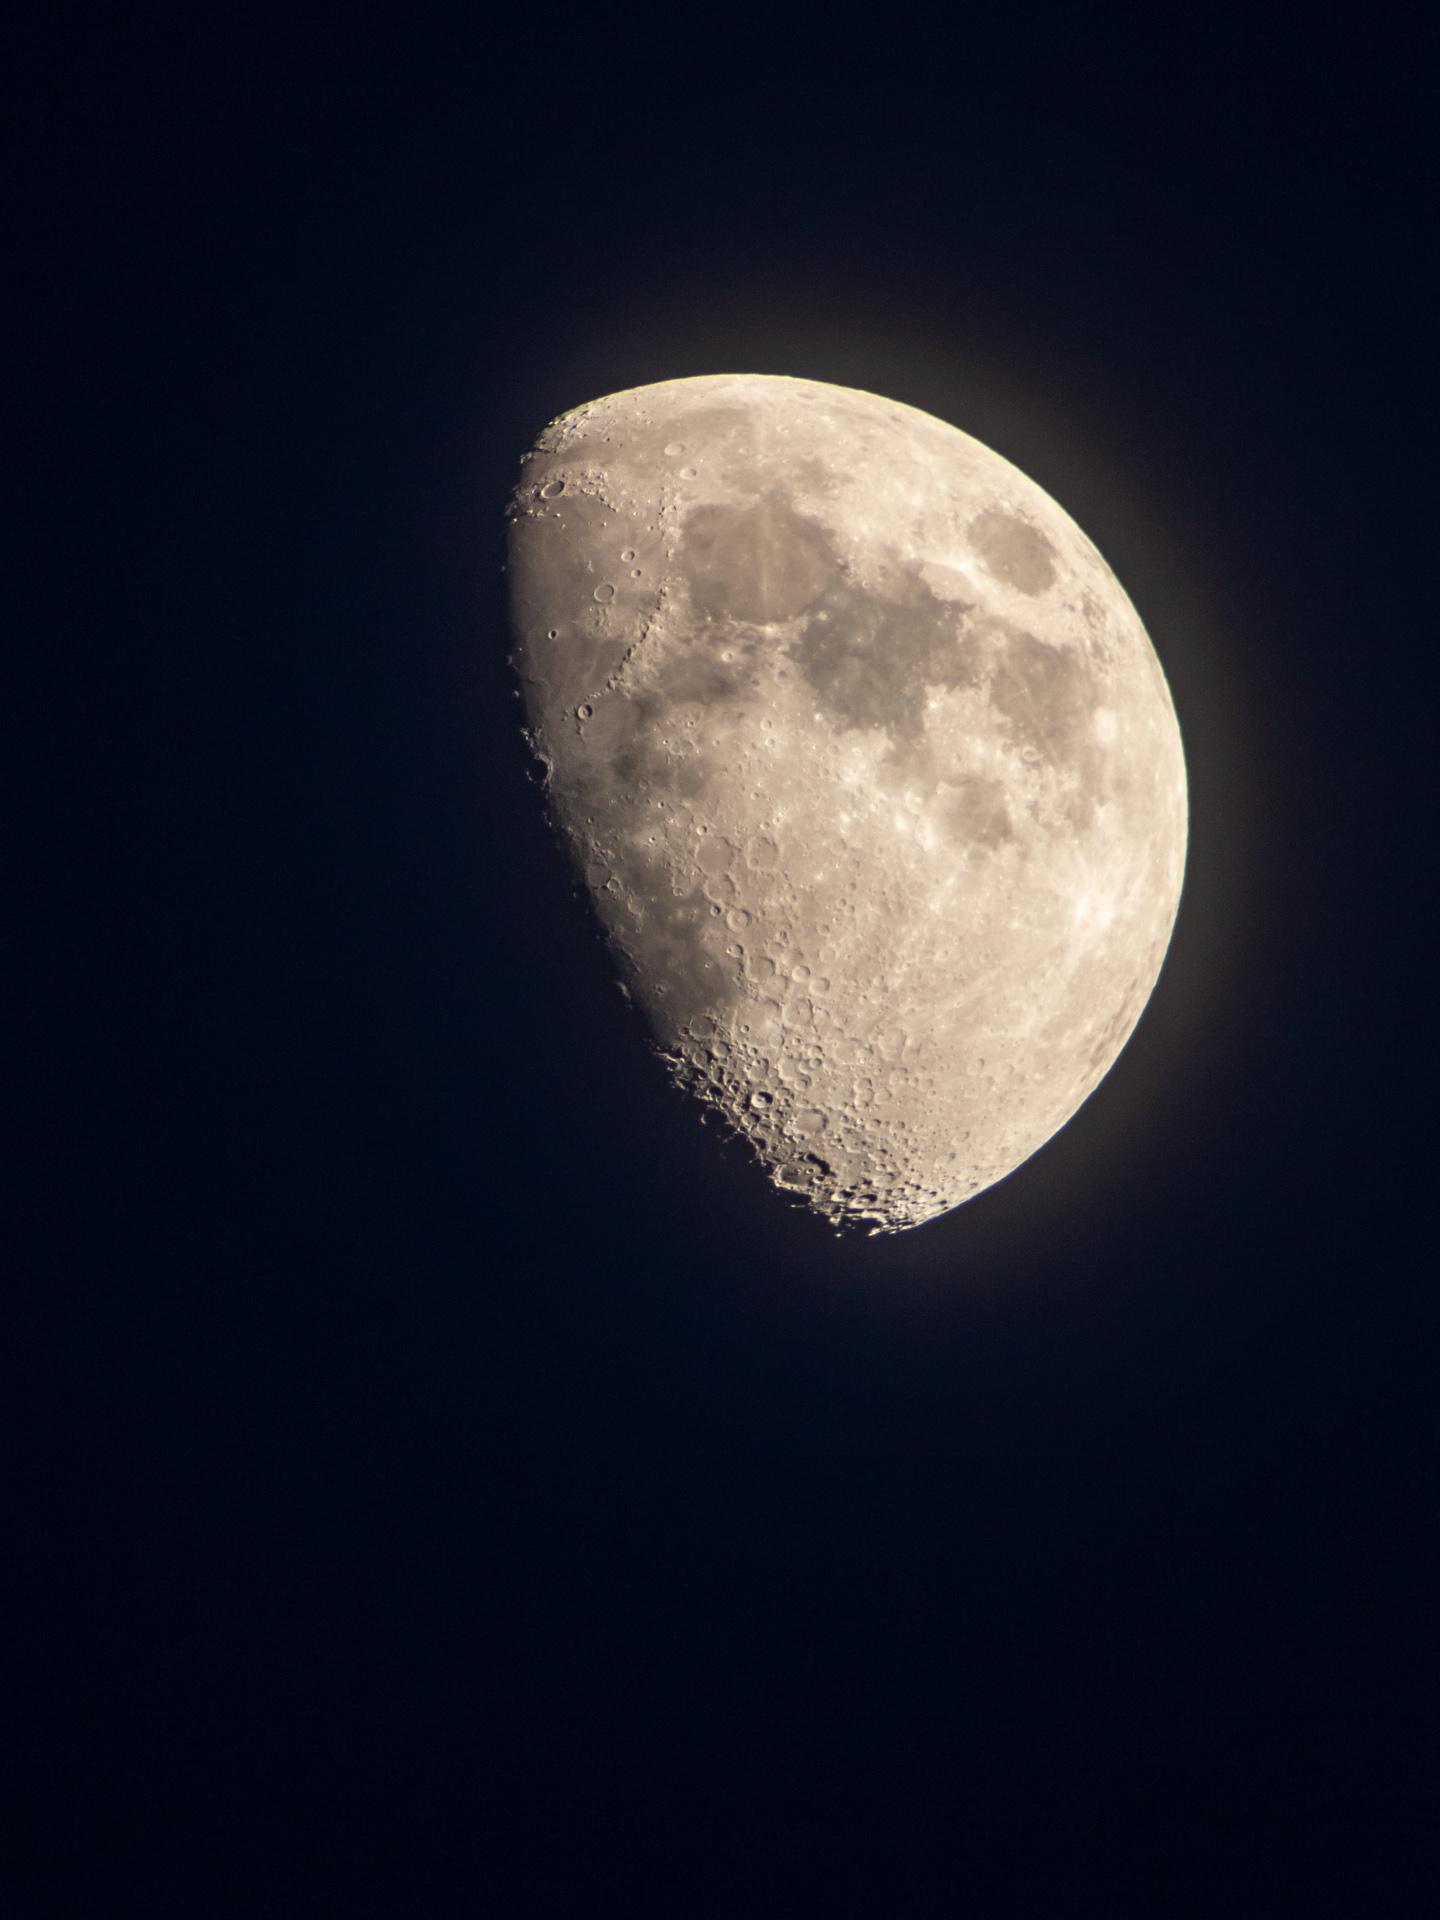 Waxing Gibbous Moon | 20190611 2049 E:38.96x77.00@84m